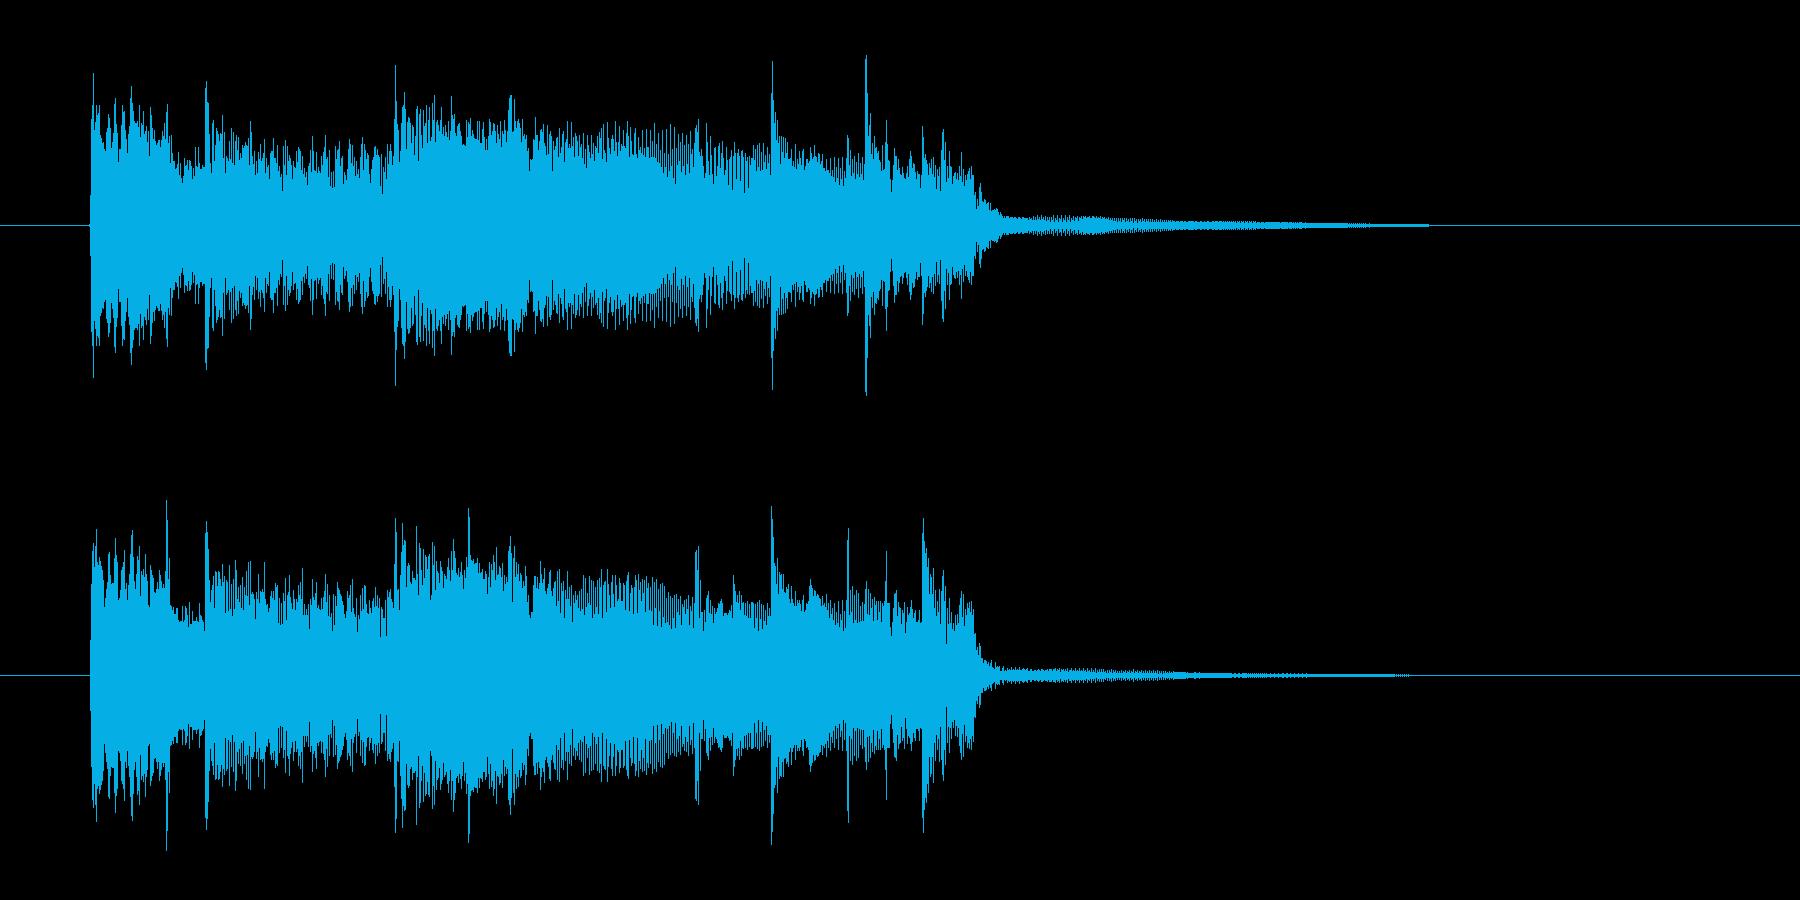 明るい元気のあるキラキラした高音の曲の再生済みの波形